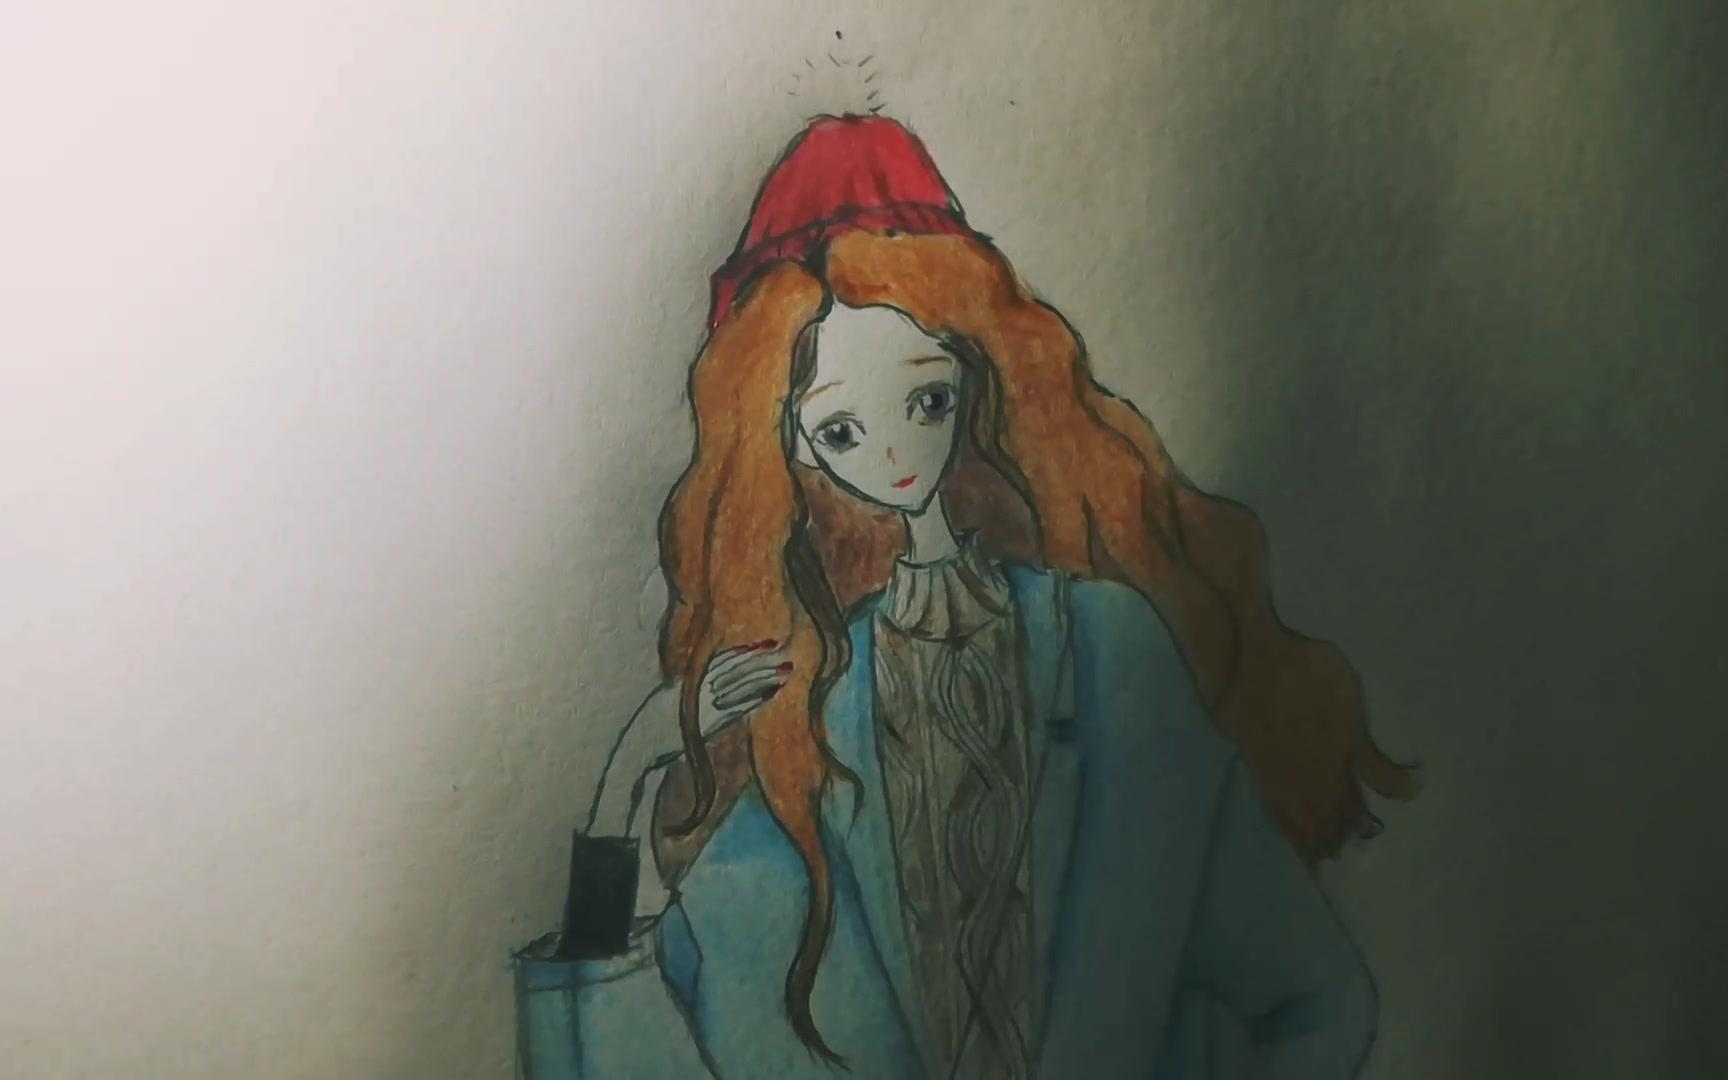 【手绘】女孩、彩铅画